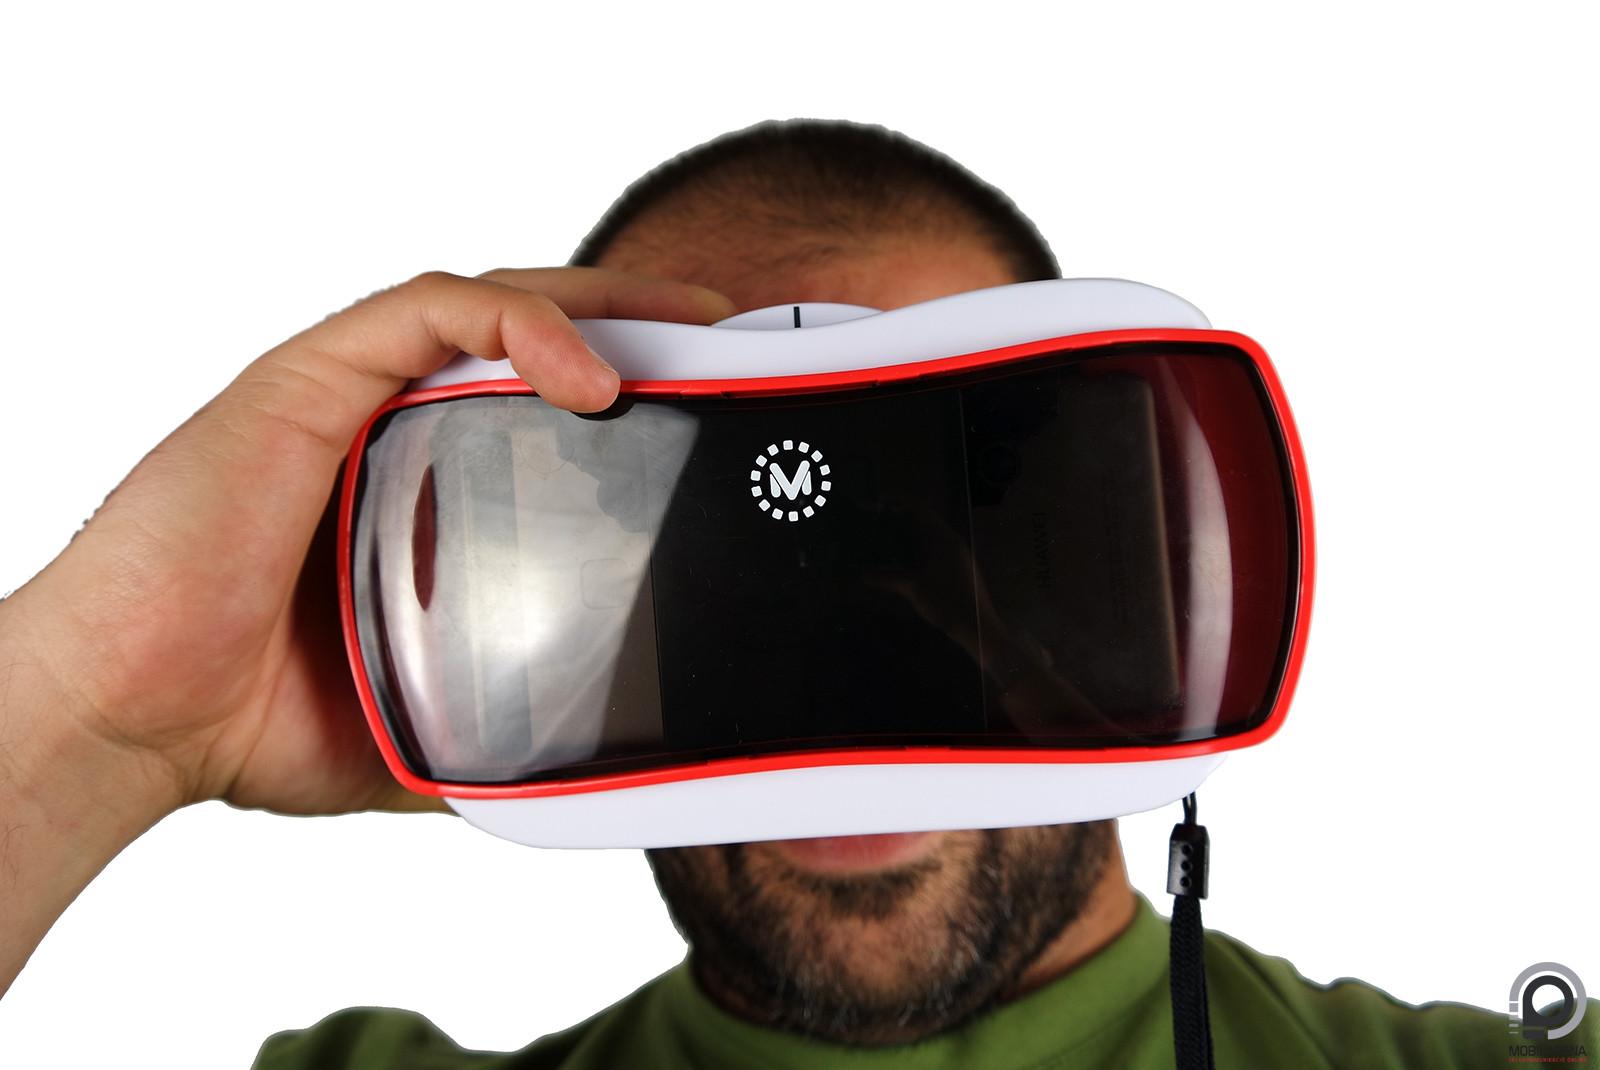 Hány éves kortól szabad VR-t használni  Roncsolja-e a gyerekek szemeit egy  efféle eszköz  Milyen tartalom az 630a43f501